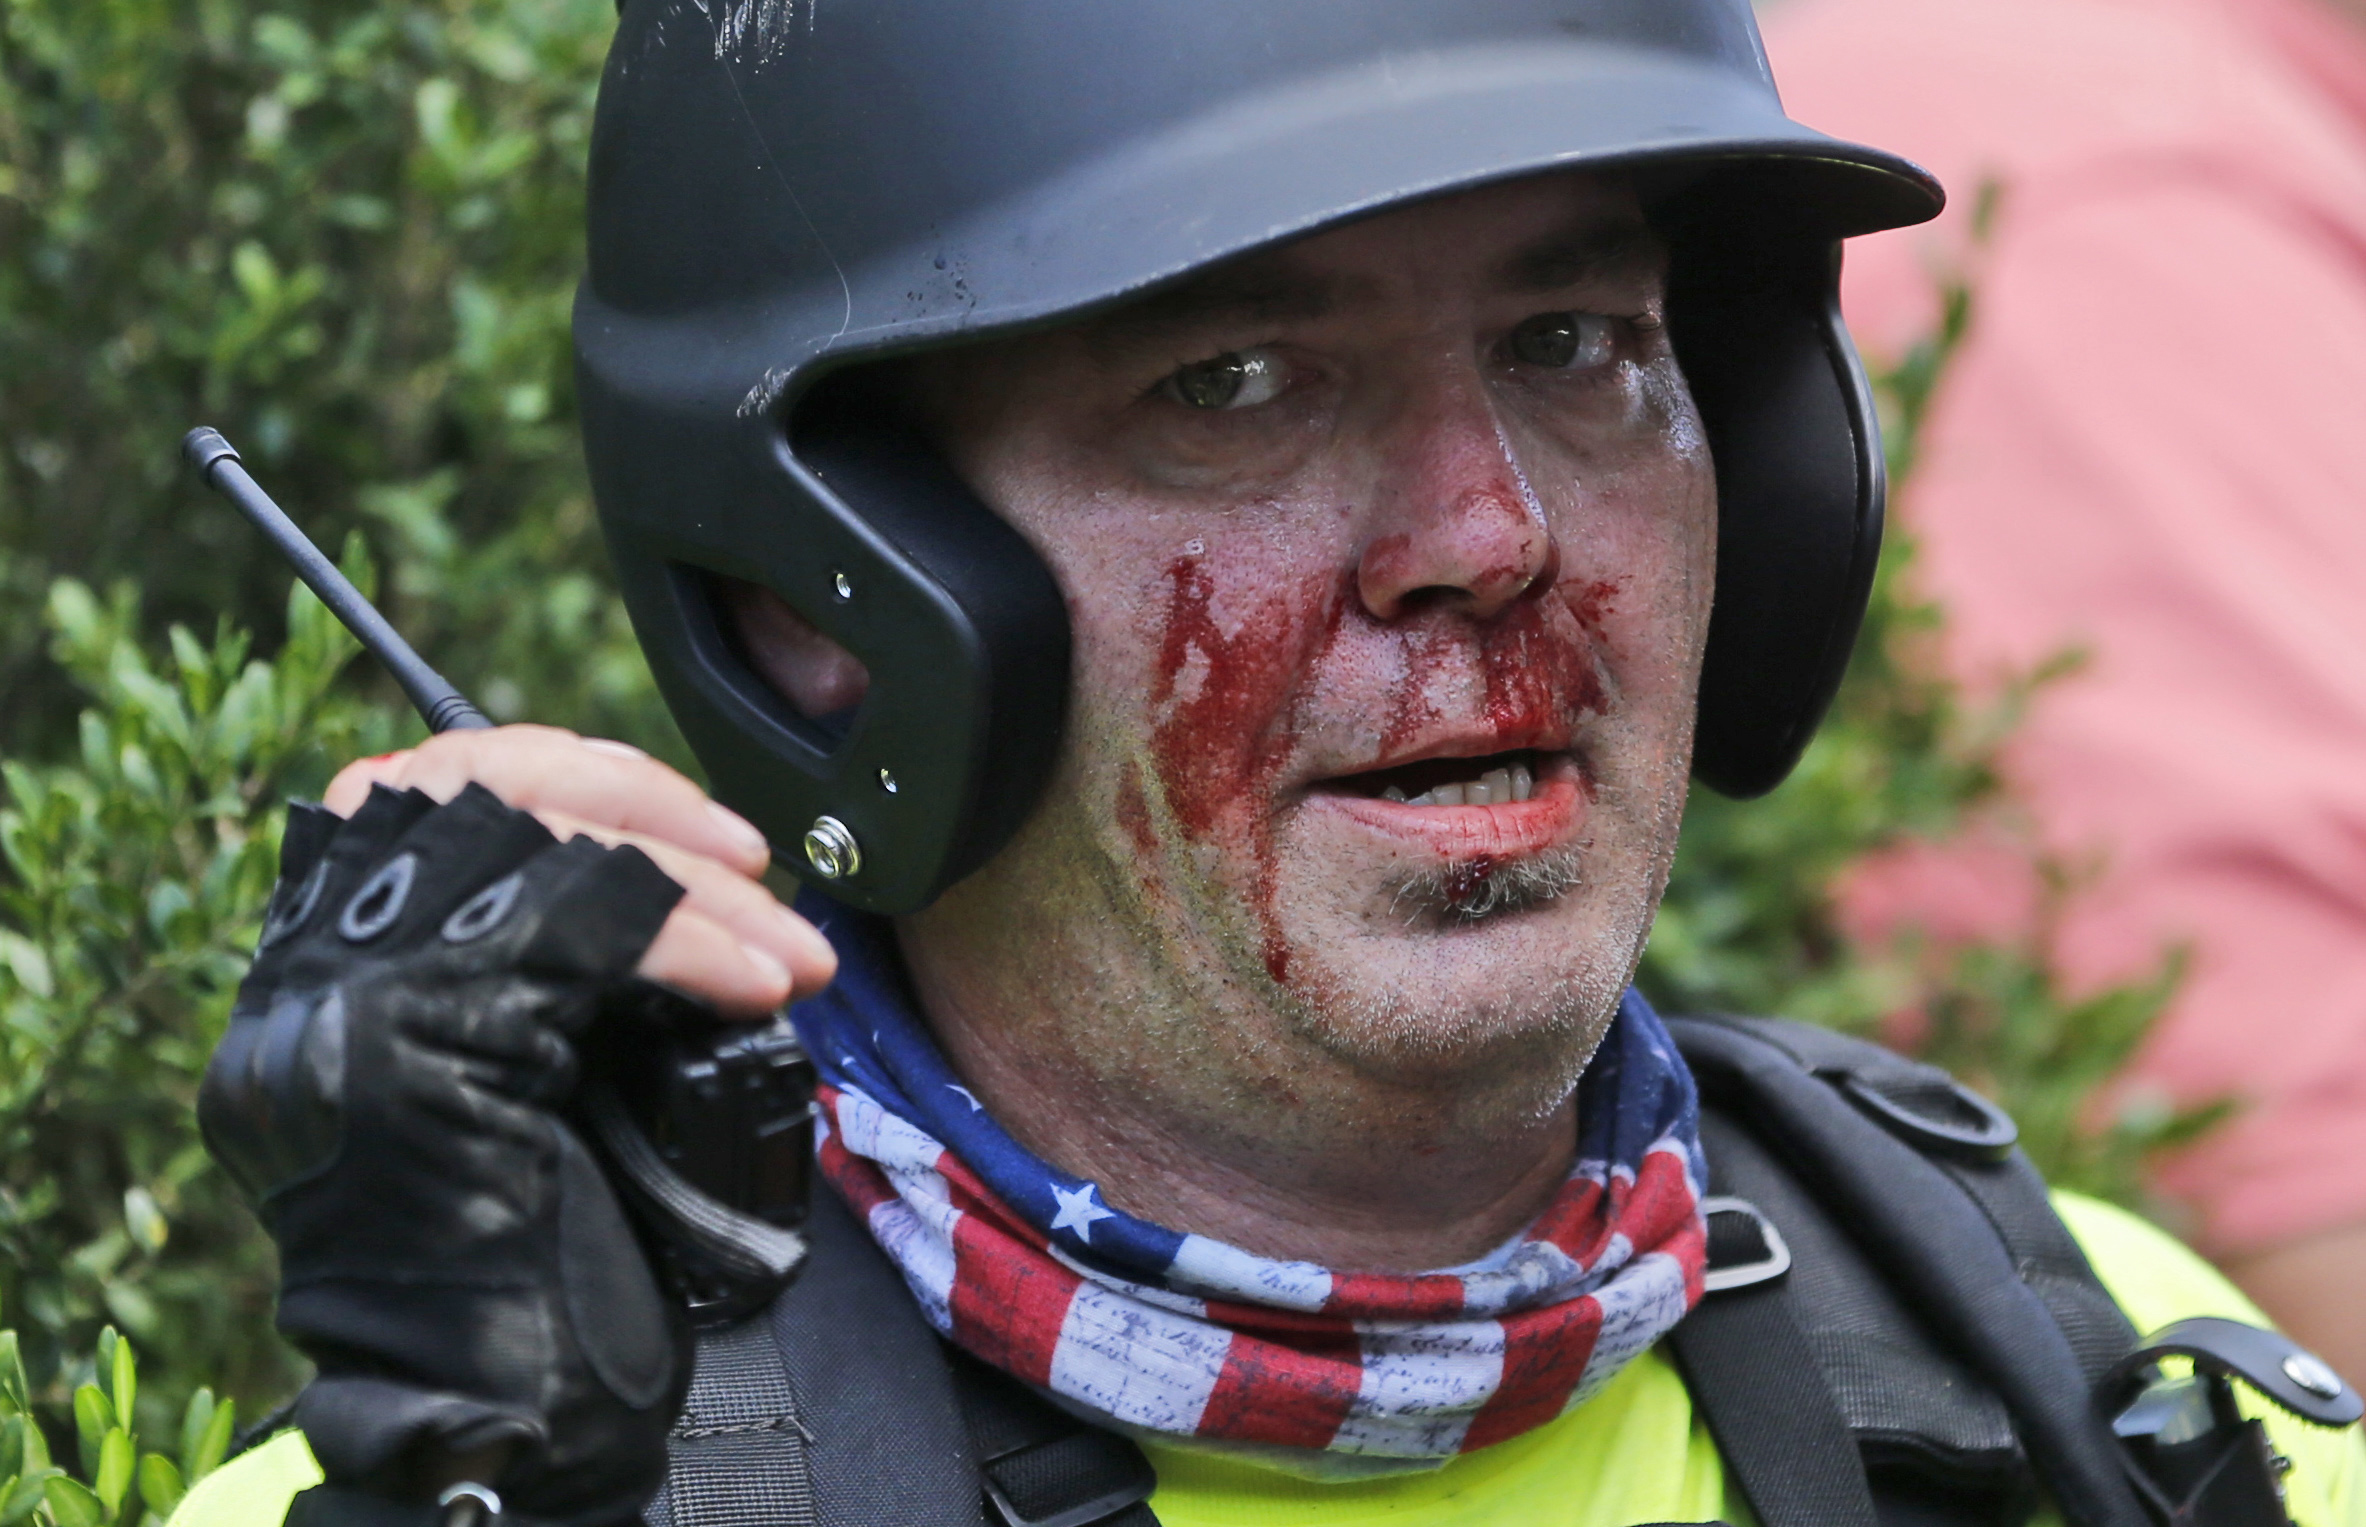 擁護白人至上主義的民眾與反對人士爆發流血衝突,圖為一名白人至上主義的擁護者因衝突導致臉上流血。(美聯社)